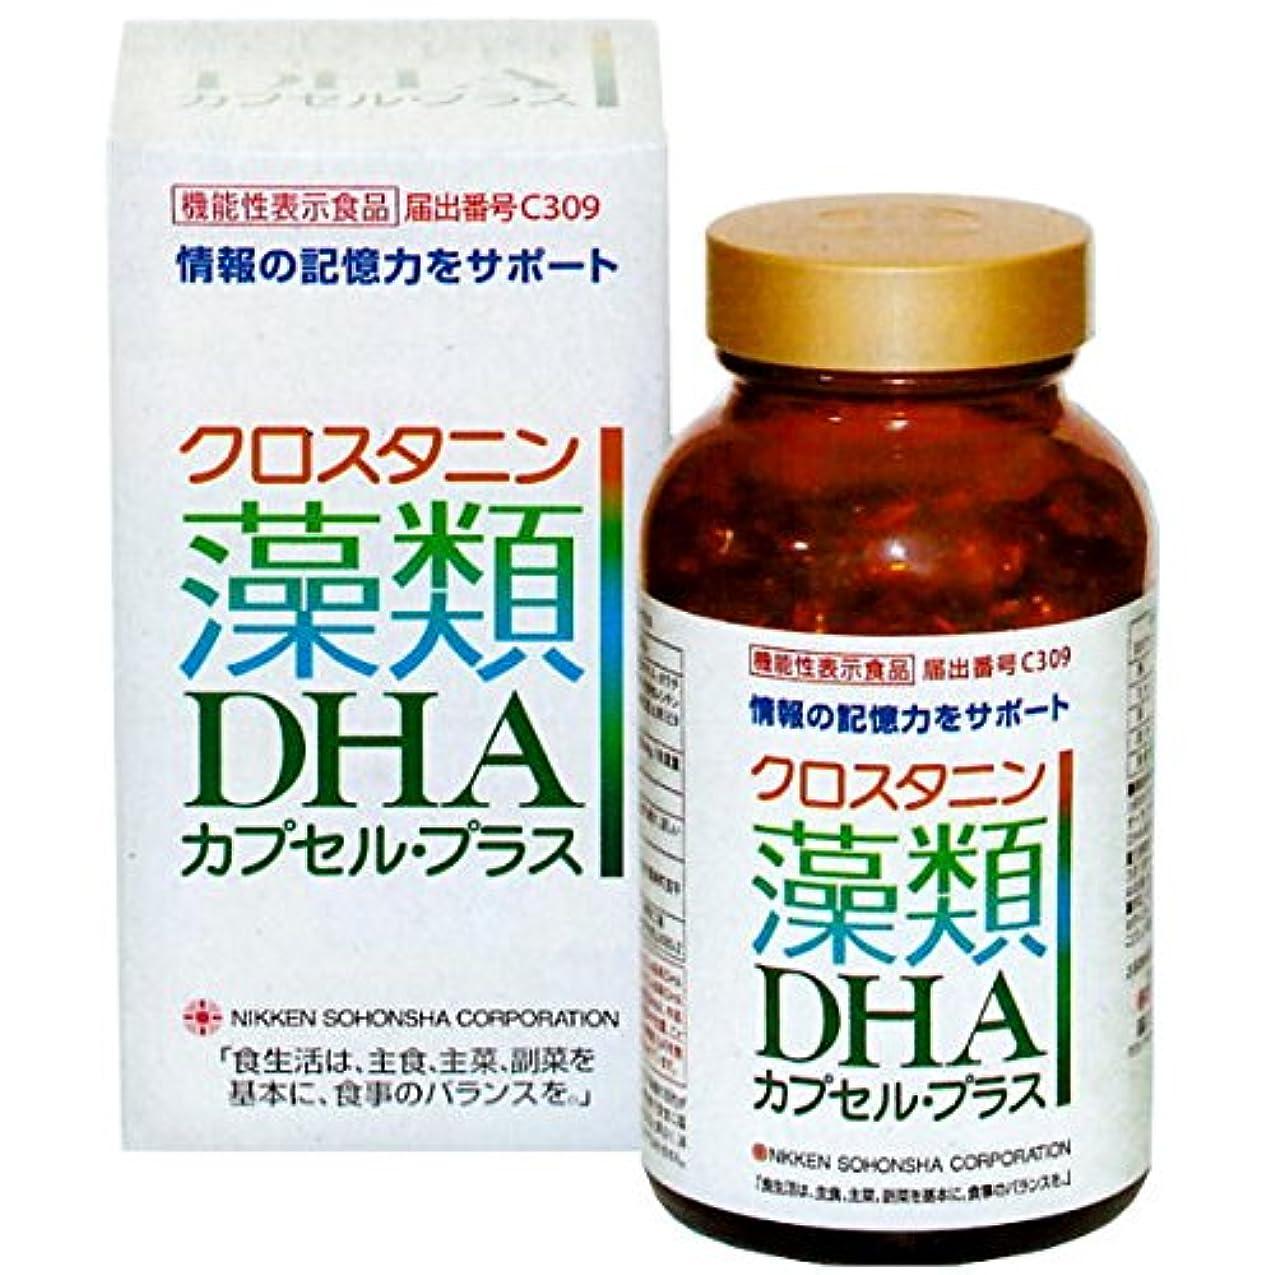 抗生物質航空機抵抗力があるクロスタニン 藻類DHAカプセル?プラス [機能性表示食品] 45日分 270粒